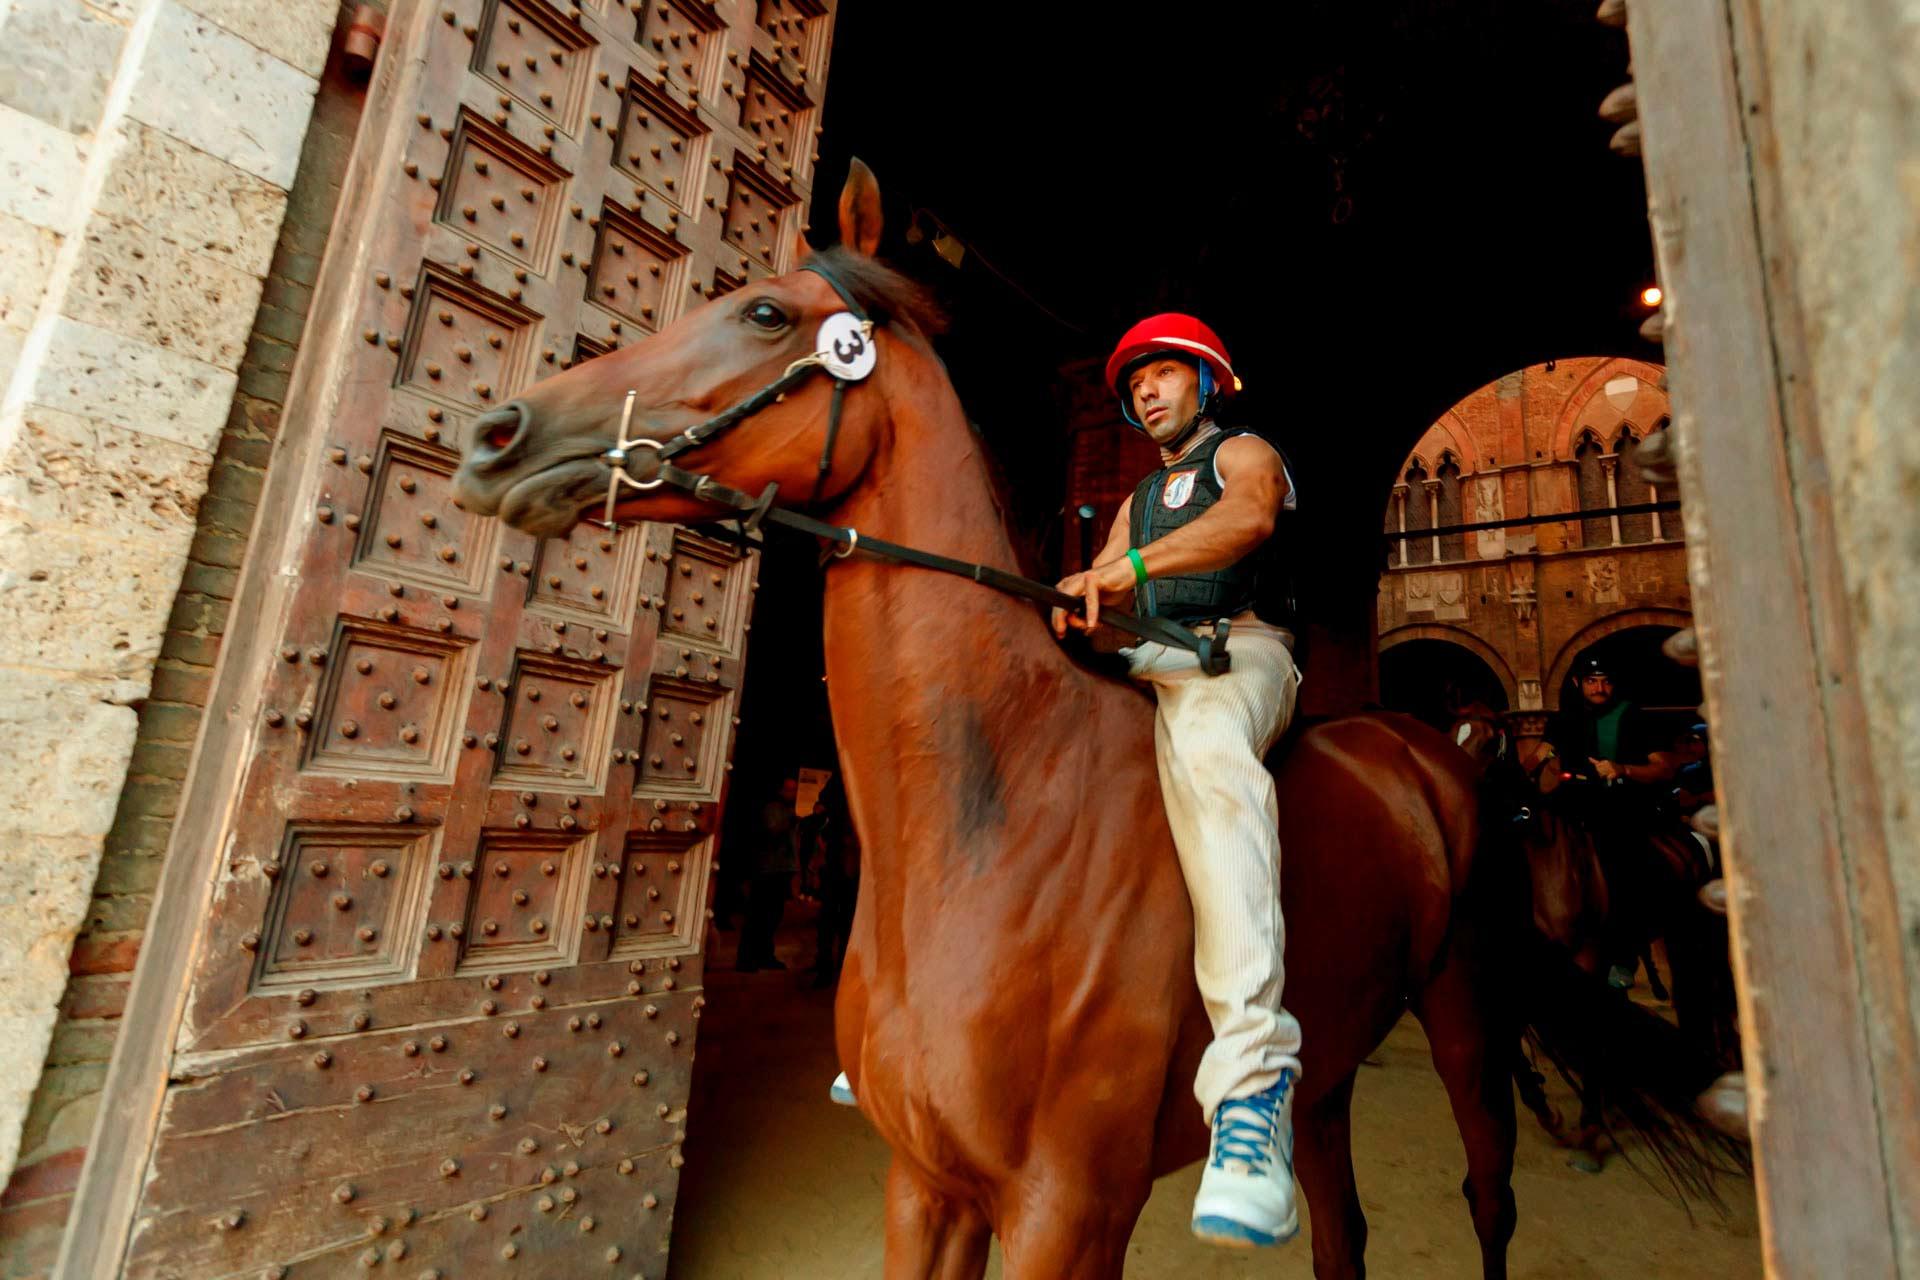 """LA NUIT RUNS - La premi?re """"batterie"""" est pr?te ? entrer sur le terrain. Tous les chevaux portent un signe num?rot? pour leur identification attach? ? la bride."""